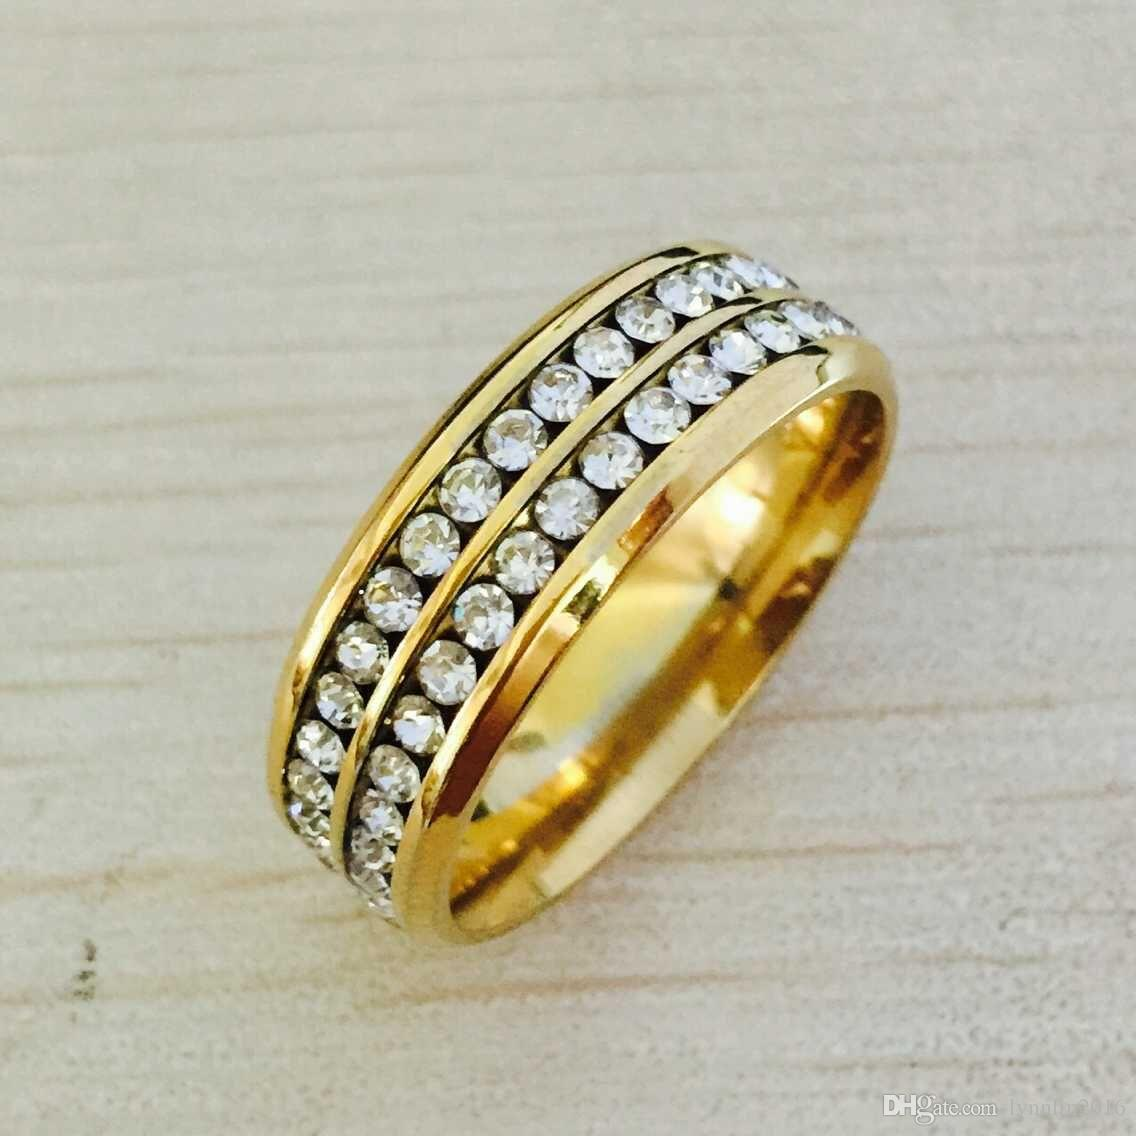 럭셔리 18K 골드 도금 2 행 CZ 다이아몬드 반지 탑 클래식 디자인 웨딩 밴드 애호가 반지 여성과 남성 도매